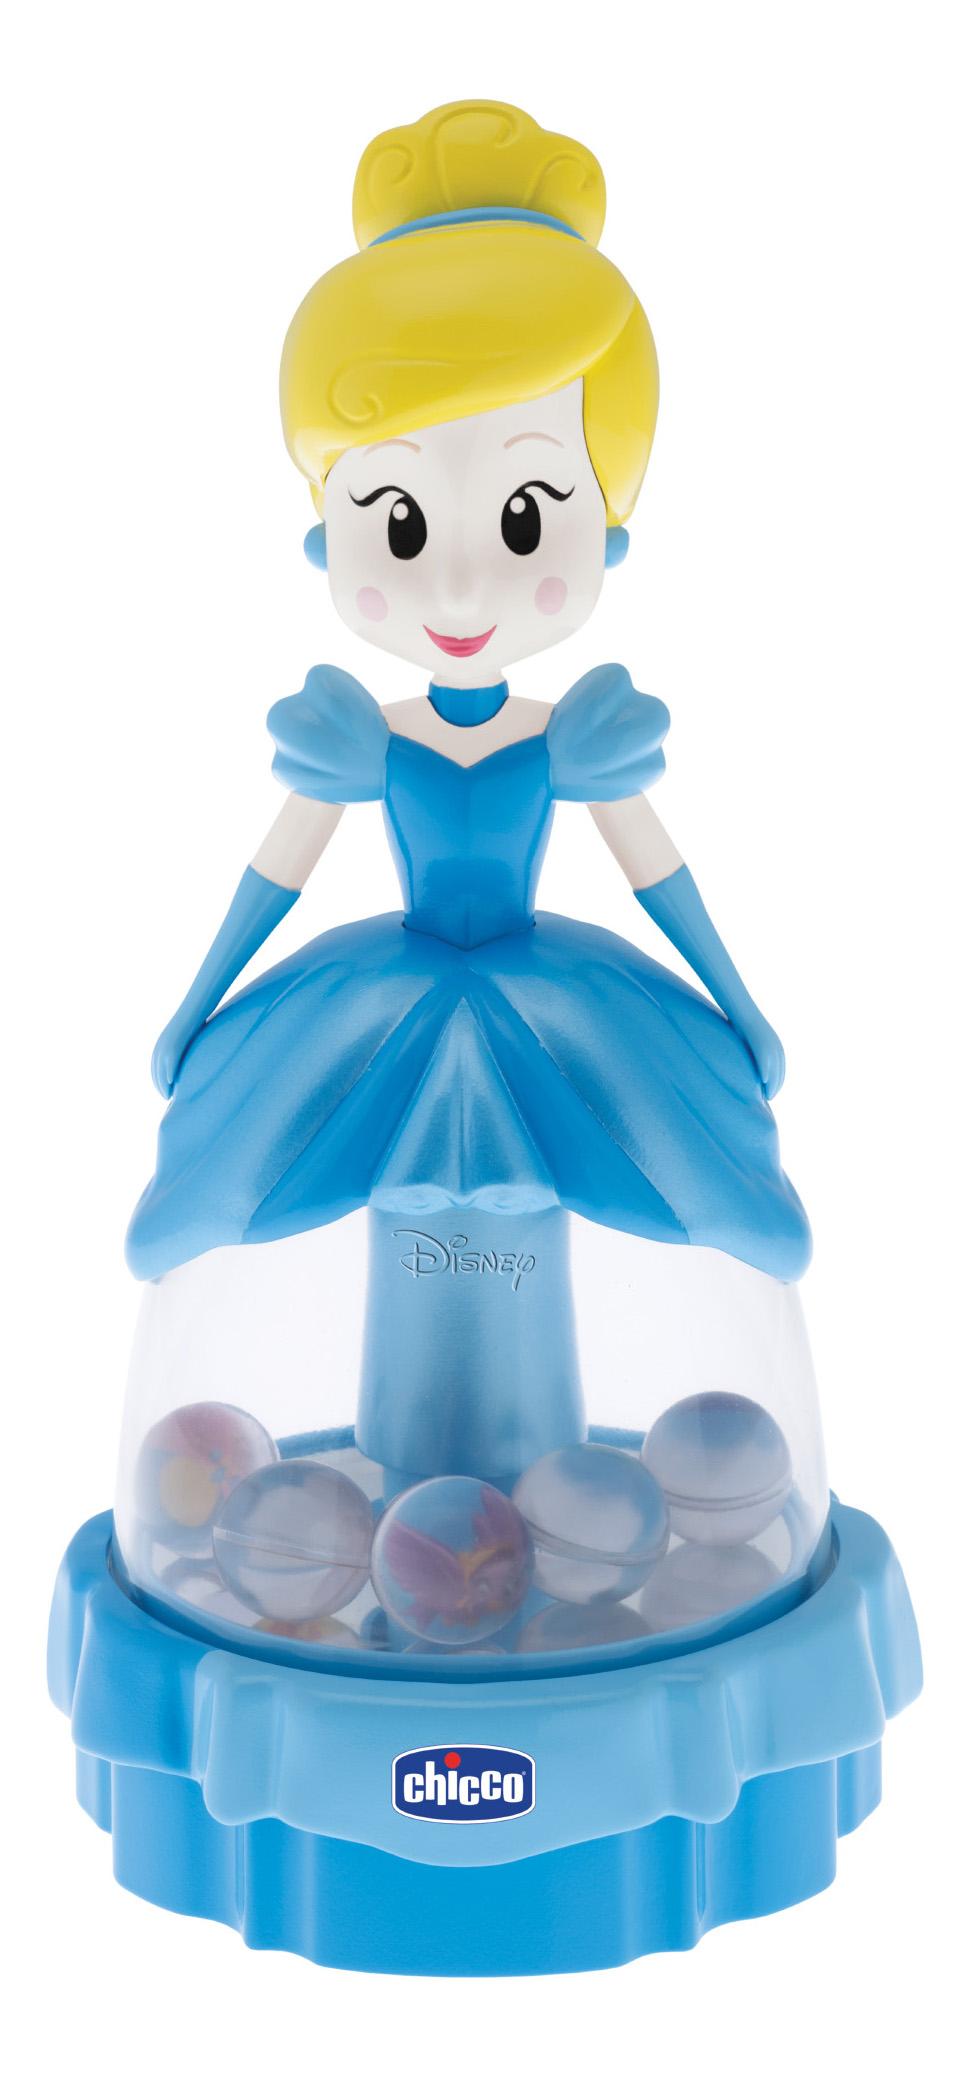 Купить Музыкальная игрушка-юла Chicco Танцующая Золушка, Развивающие игрушки